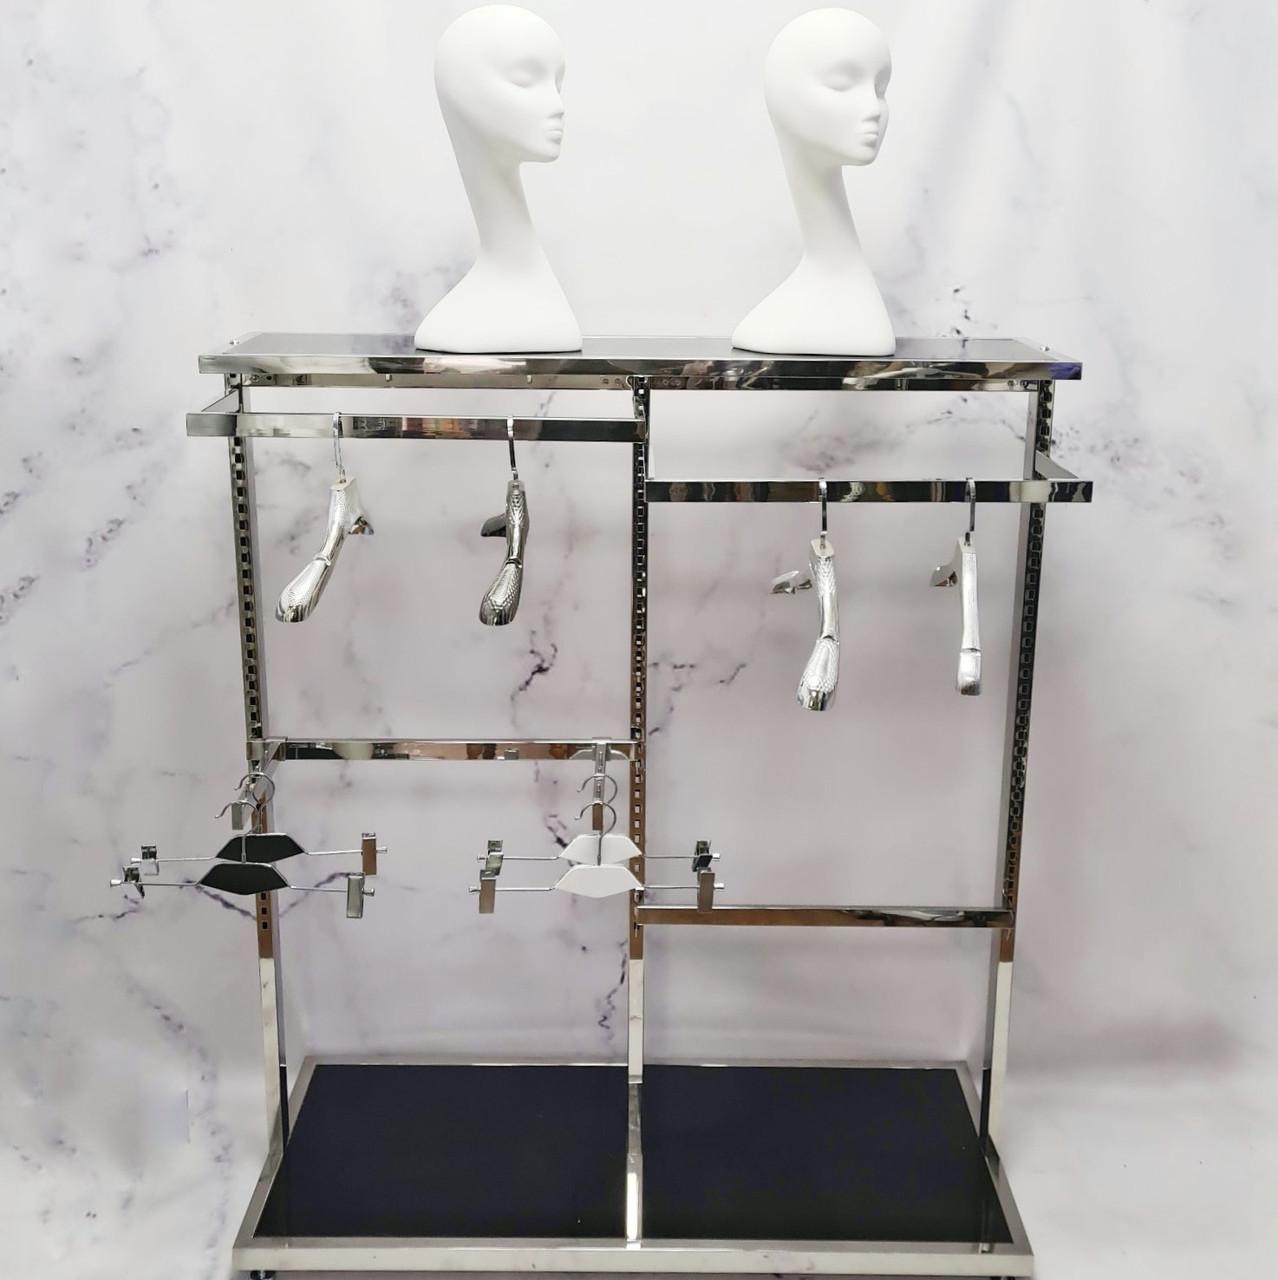 Торговая вешалка стойка напольная для магазина одежды, шоу-рума, торговое оборудование